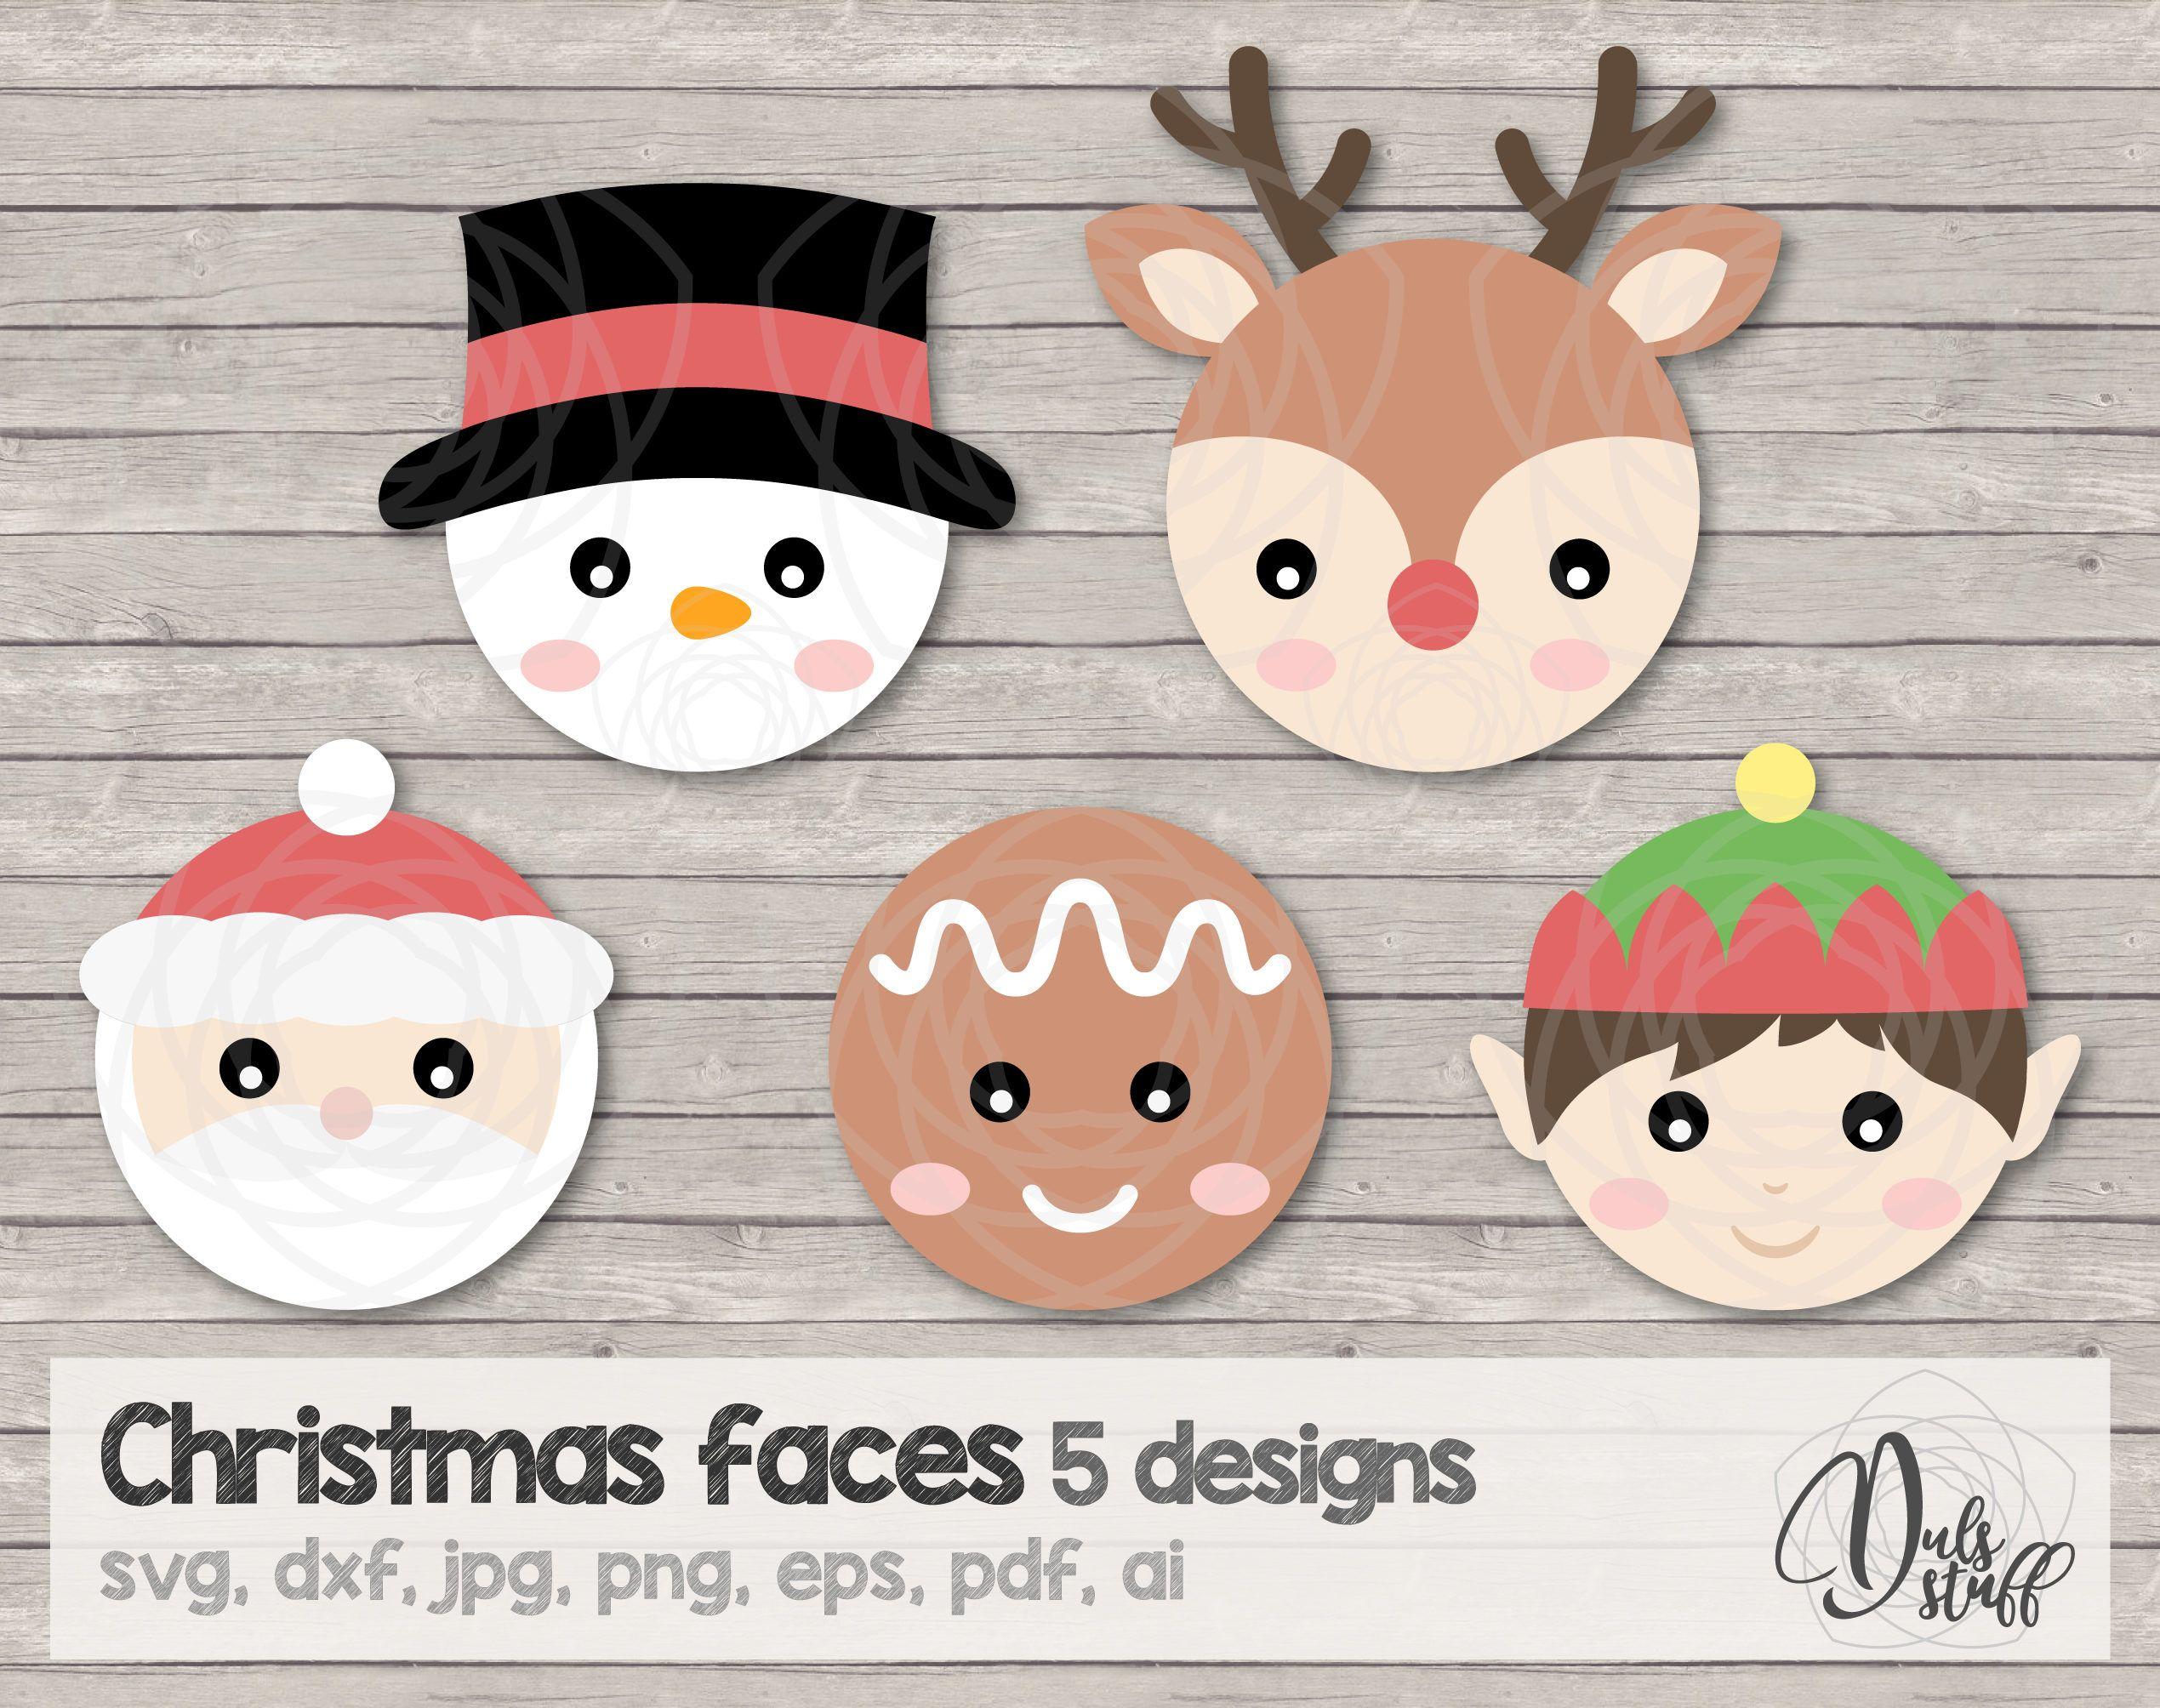 Christmas Faces Svg, Christmas Faces Cricut, Santa